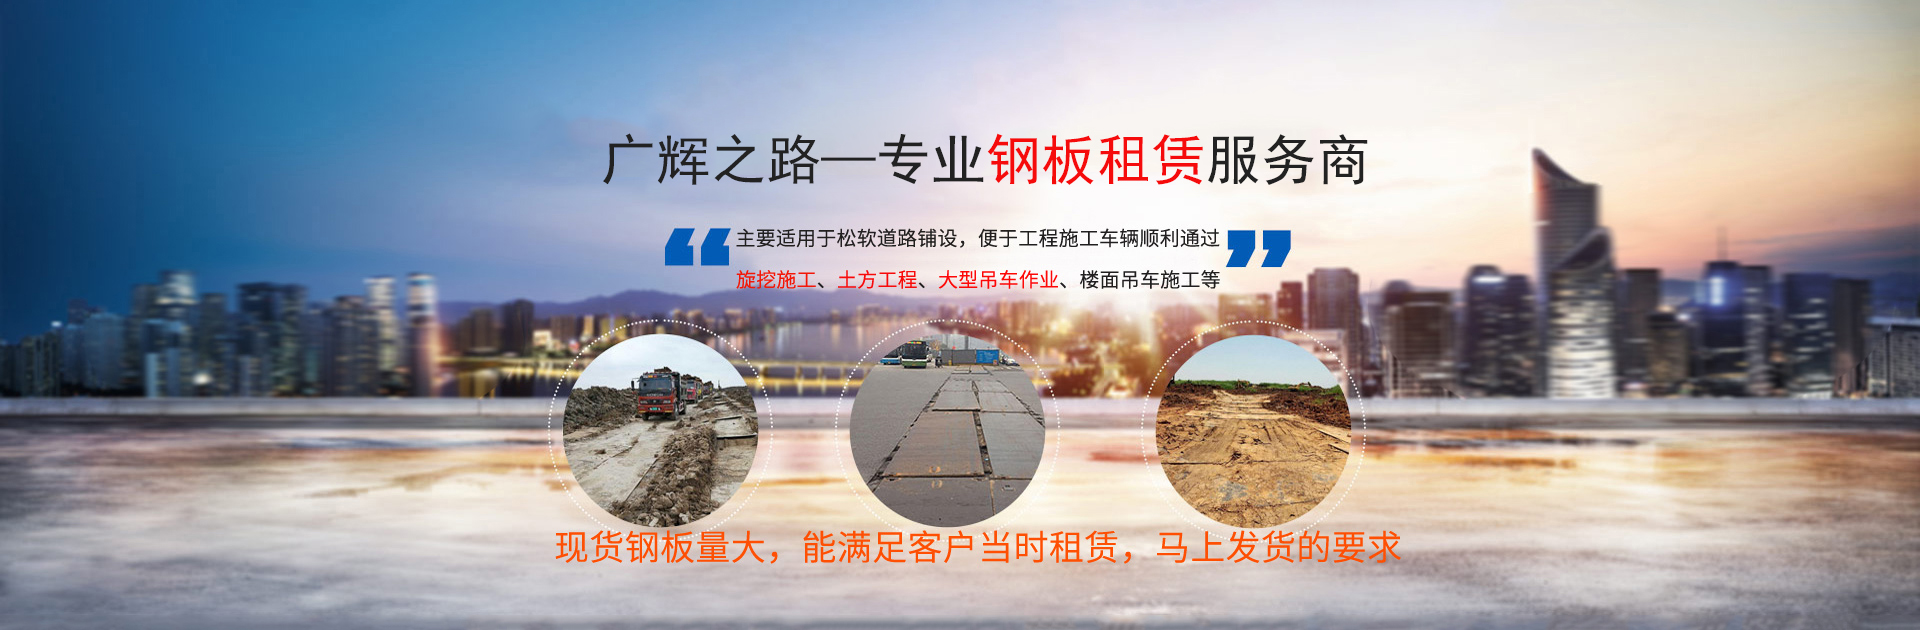 青岛路面钢板租赁